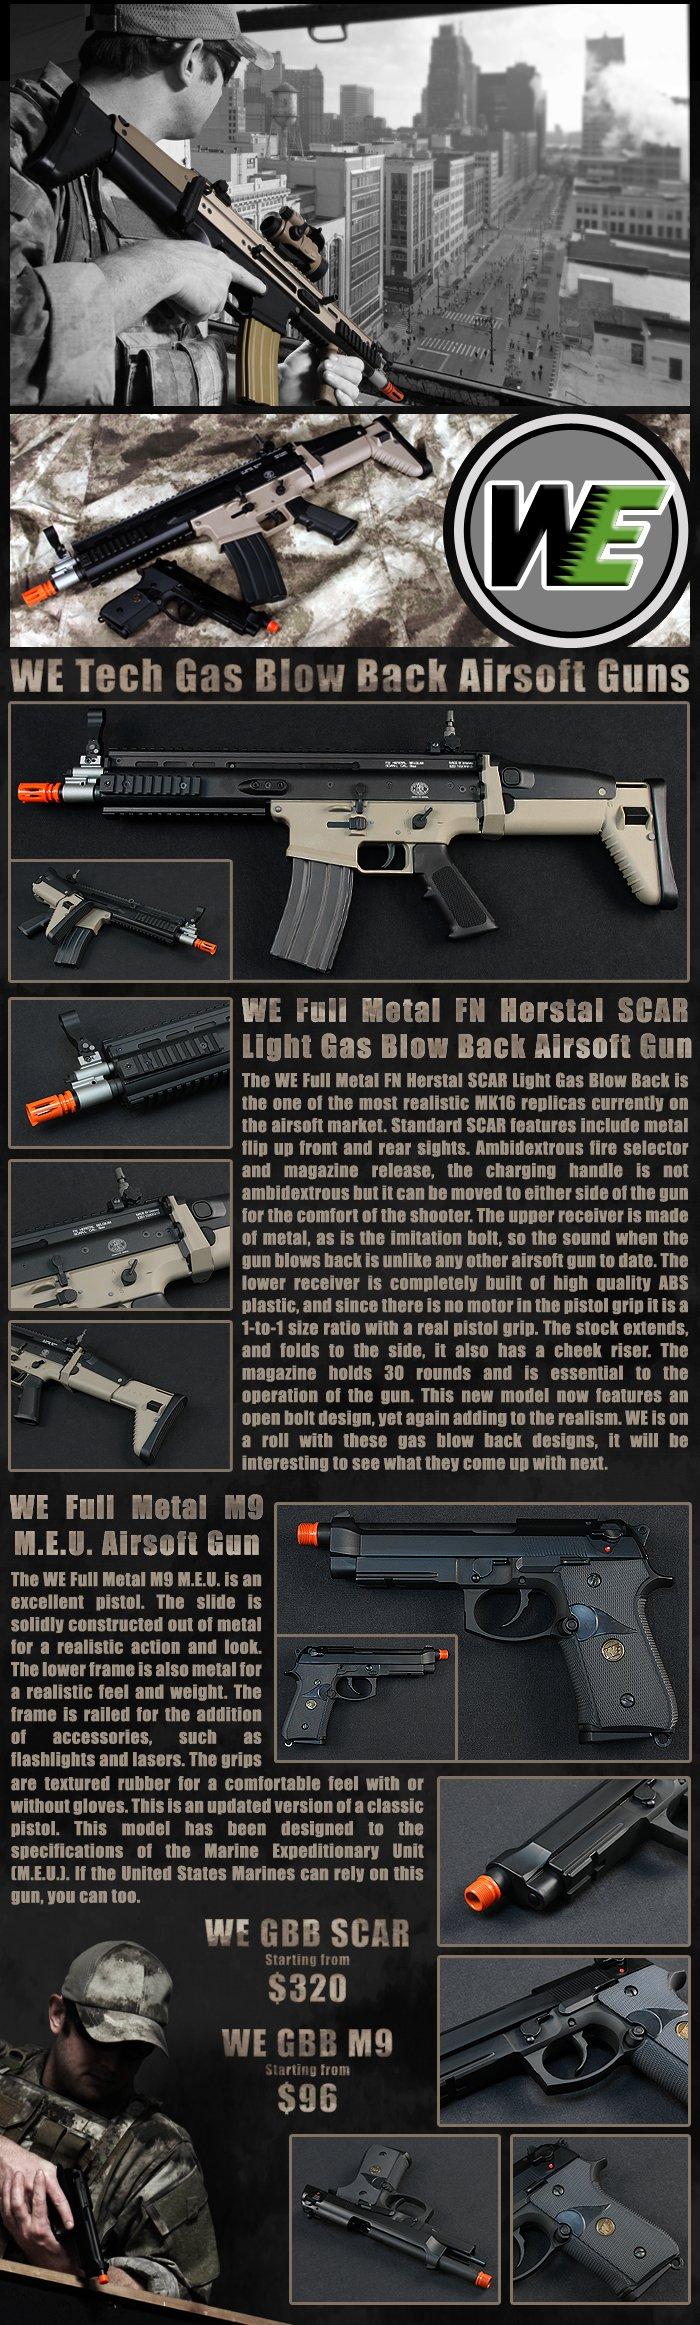 WE GBB SCAR & M9